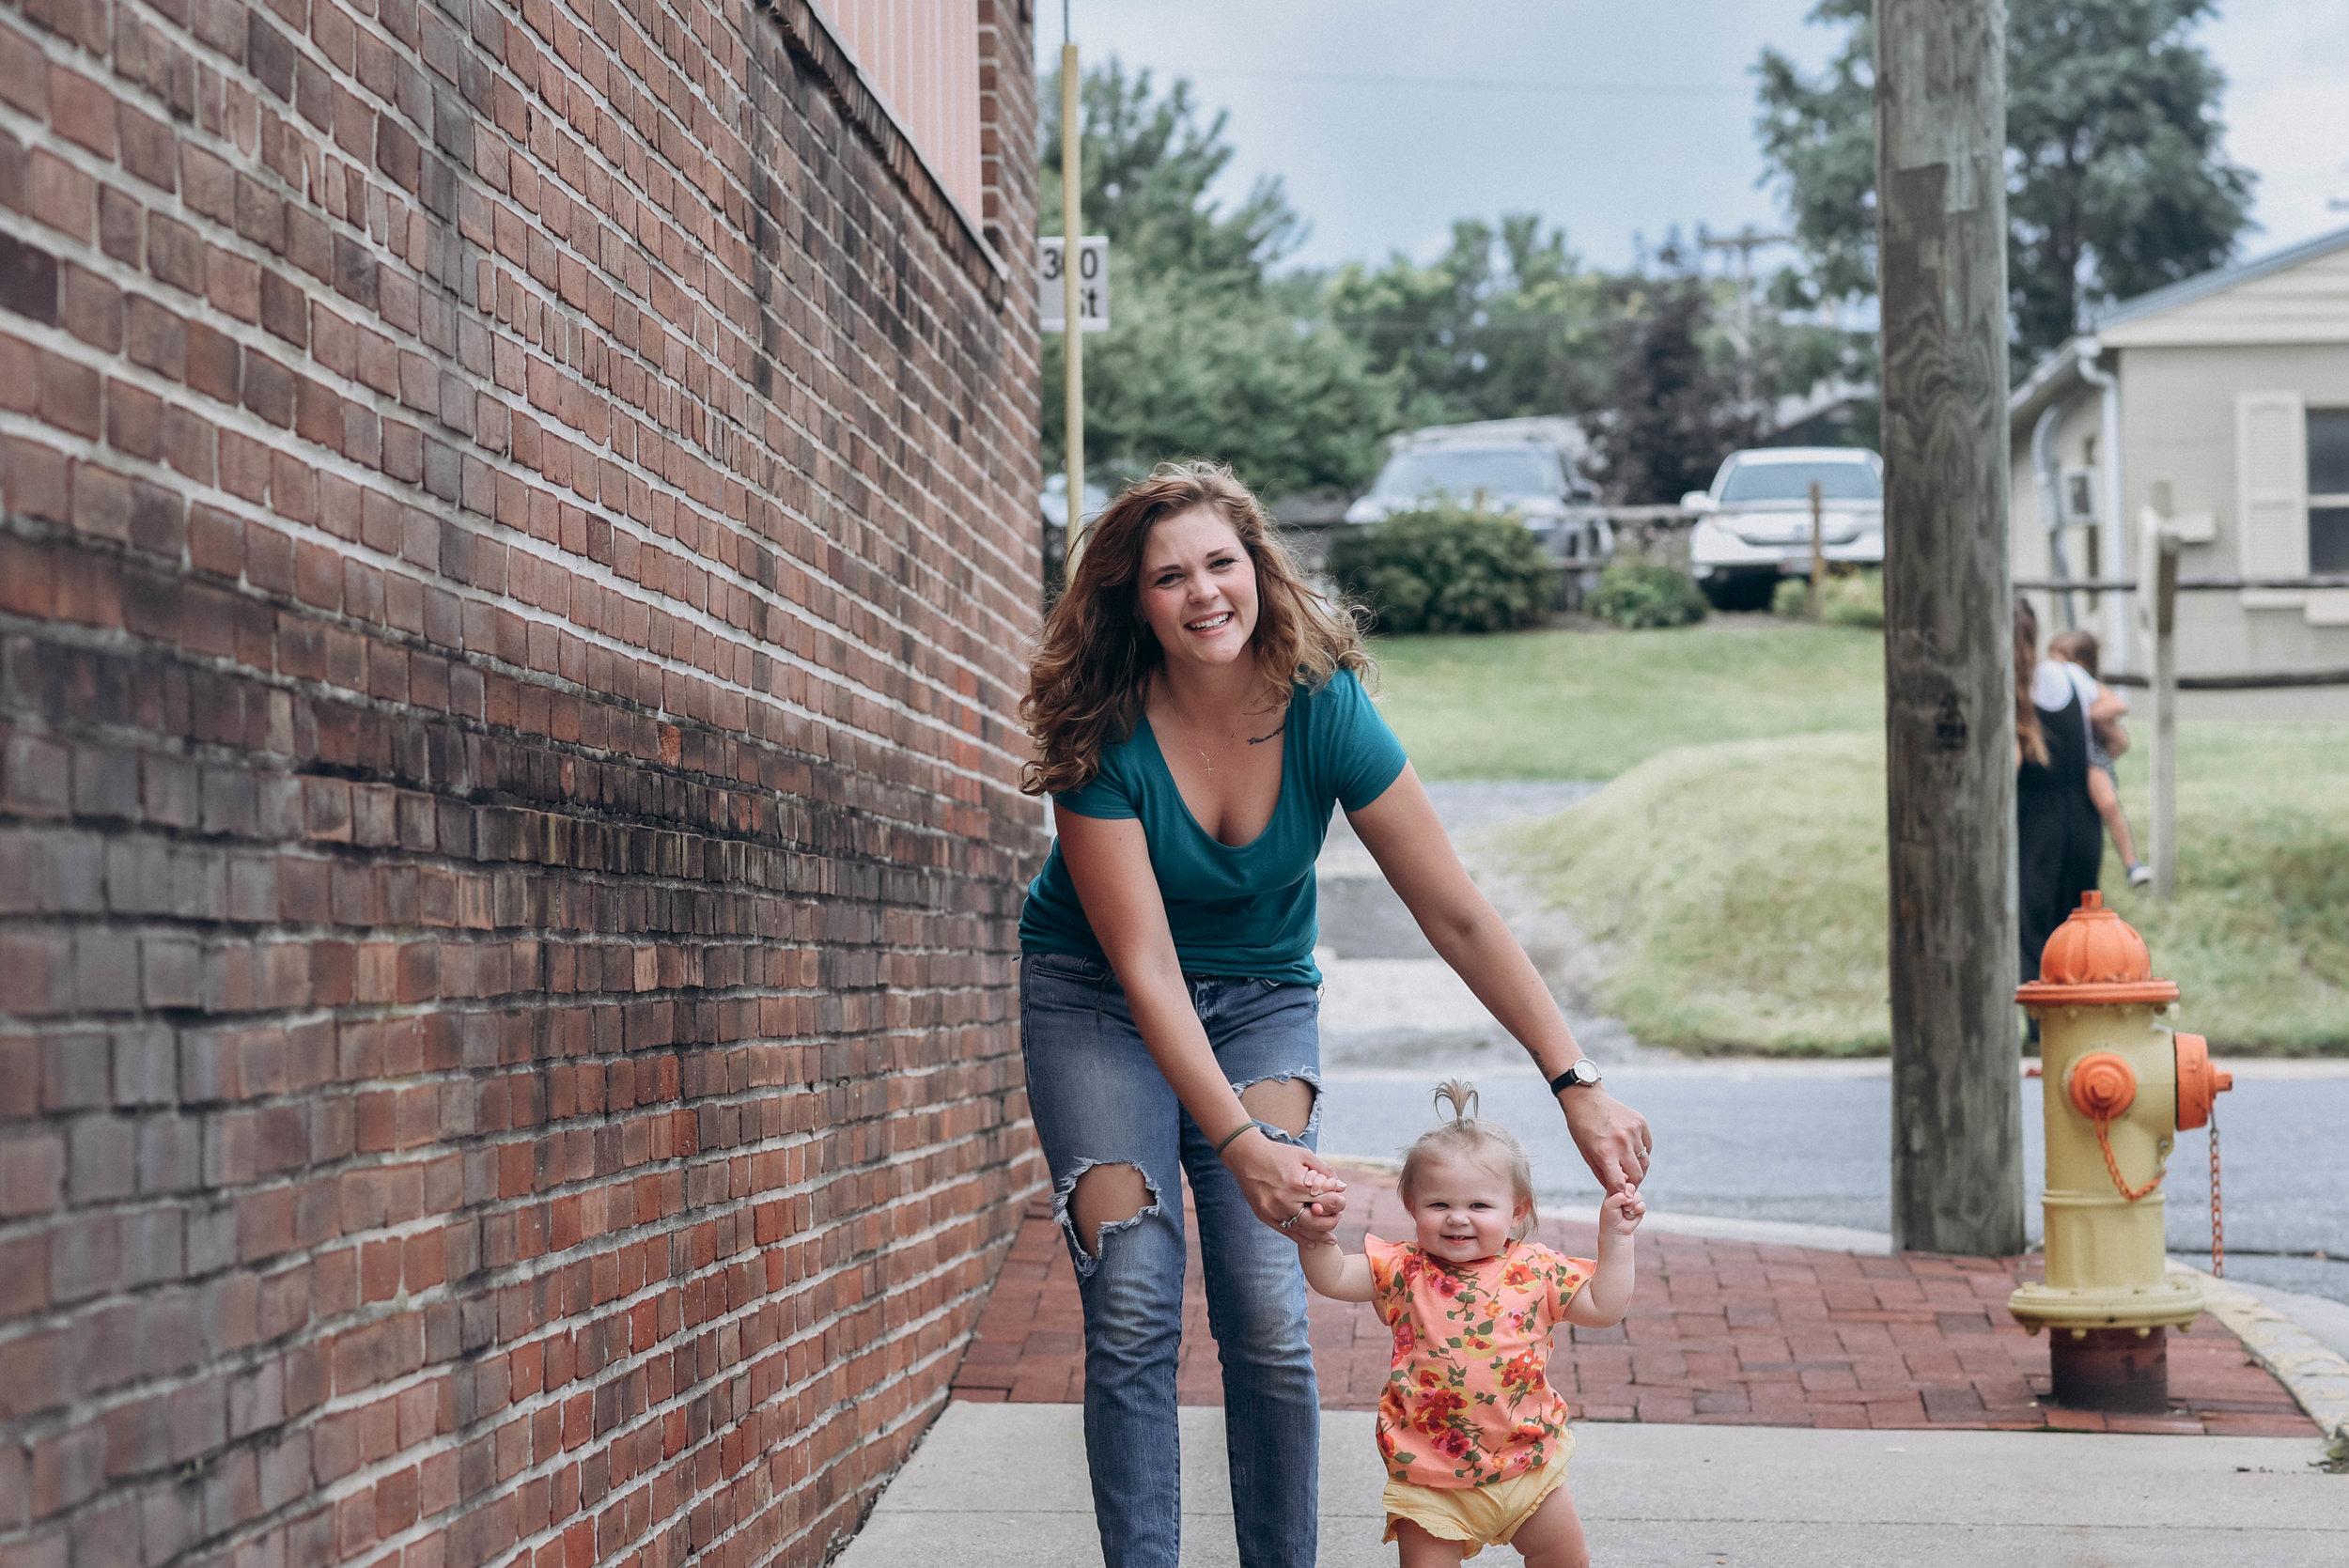 Heather_Faces_of_Postpartum_3